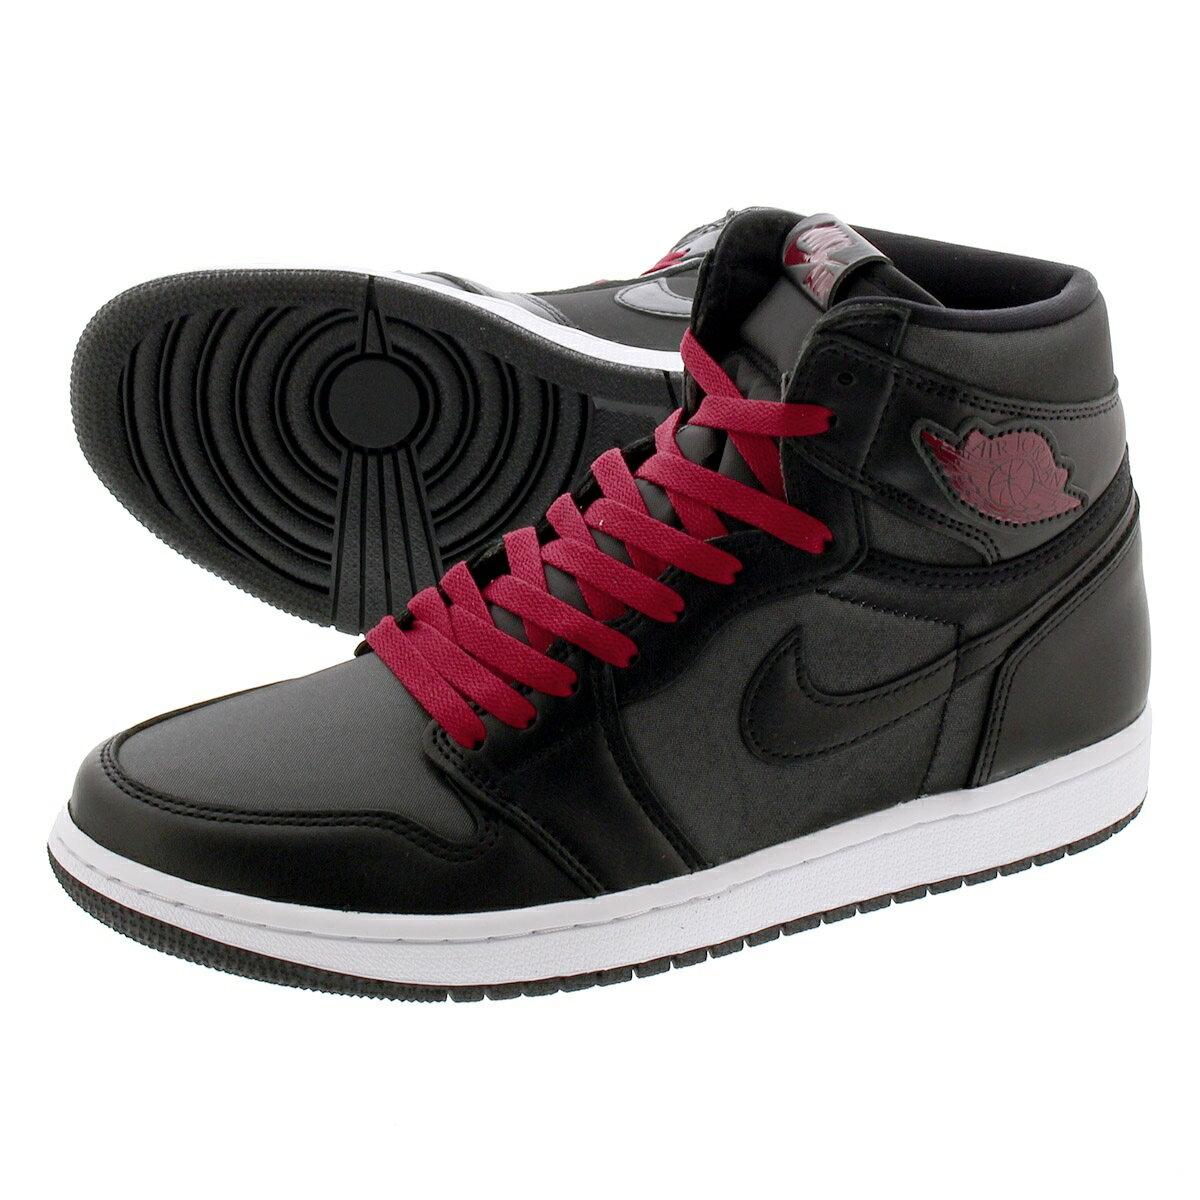 メンズ靴, スニーカー NIKE AIR JORDAN 1 RETRO HIGH OG 1 OG BLACKGYM RED 555088-060